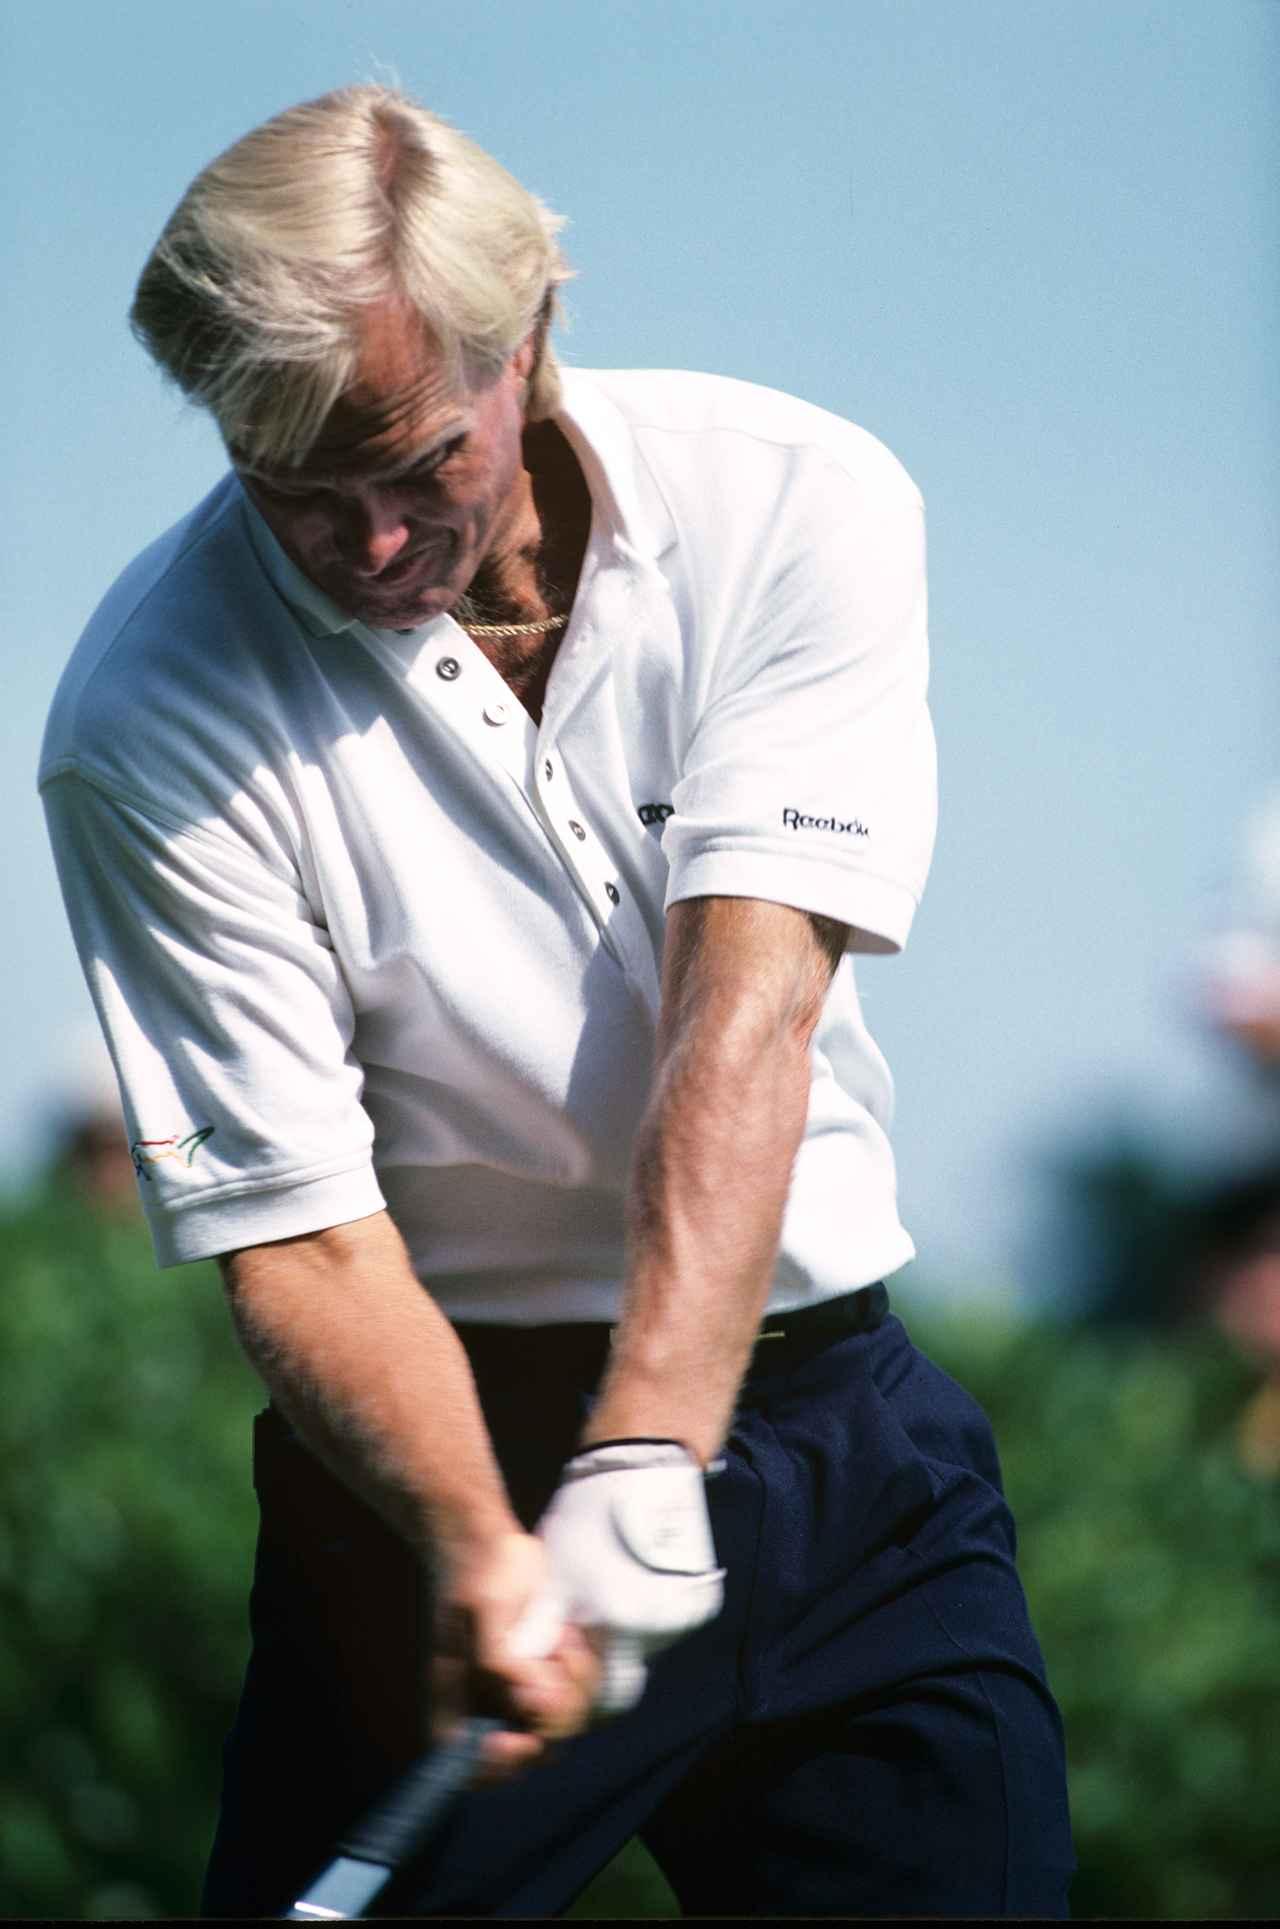 画像: グレッグ・ノーマン(94年当時) 豪快なスウィングが持ち味で力強いインパクトが印象的